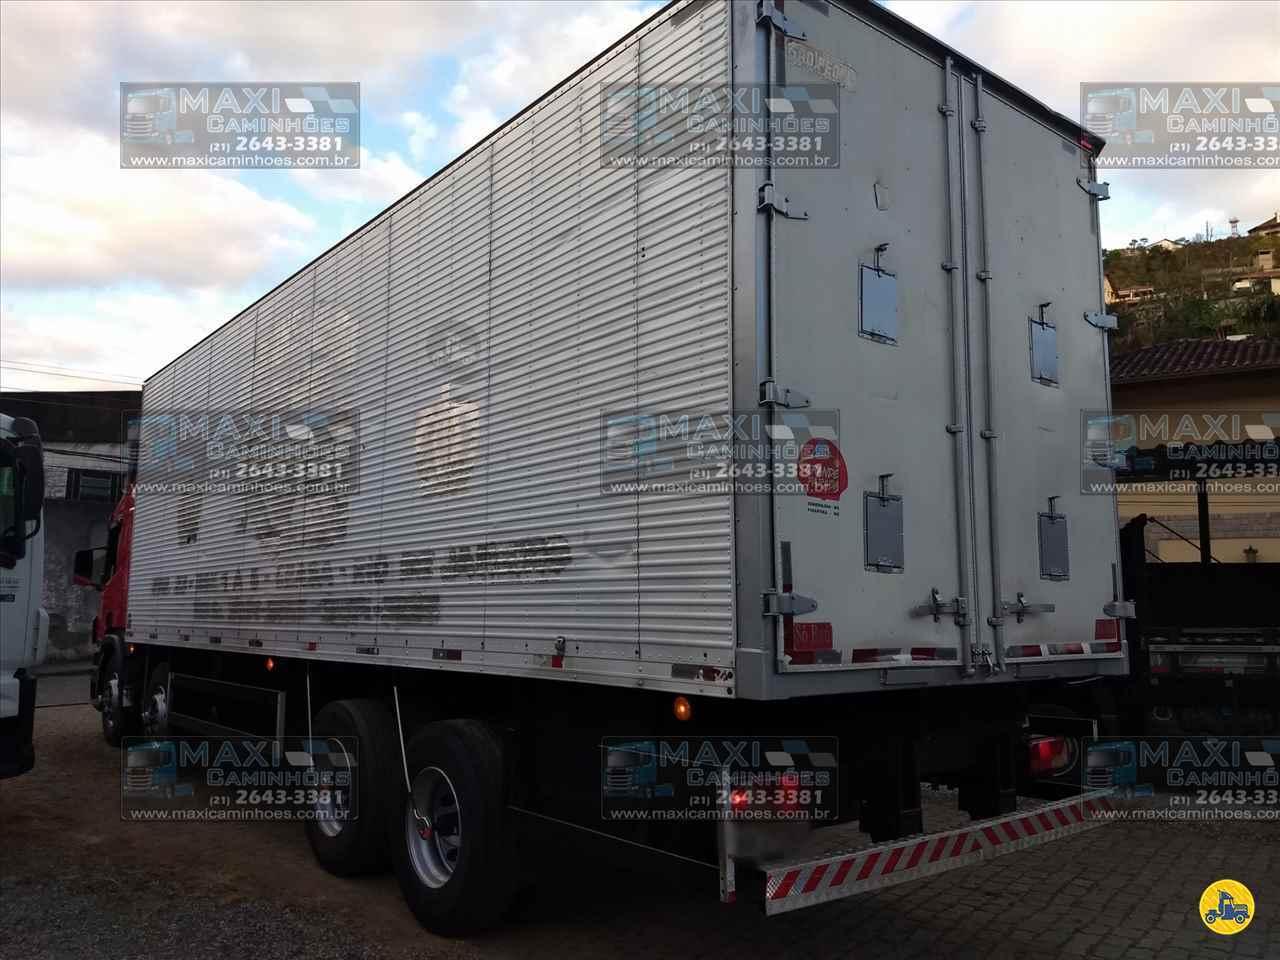 SCANIA SCANIA P310 1161000km 2014/2014 Maxi Caminhões